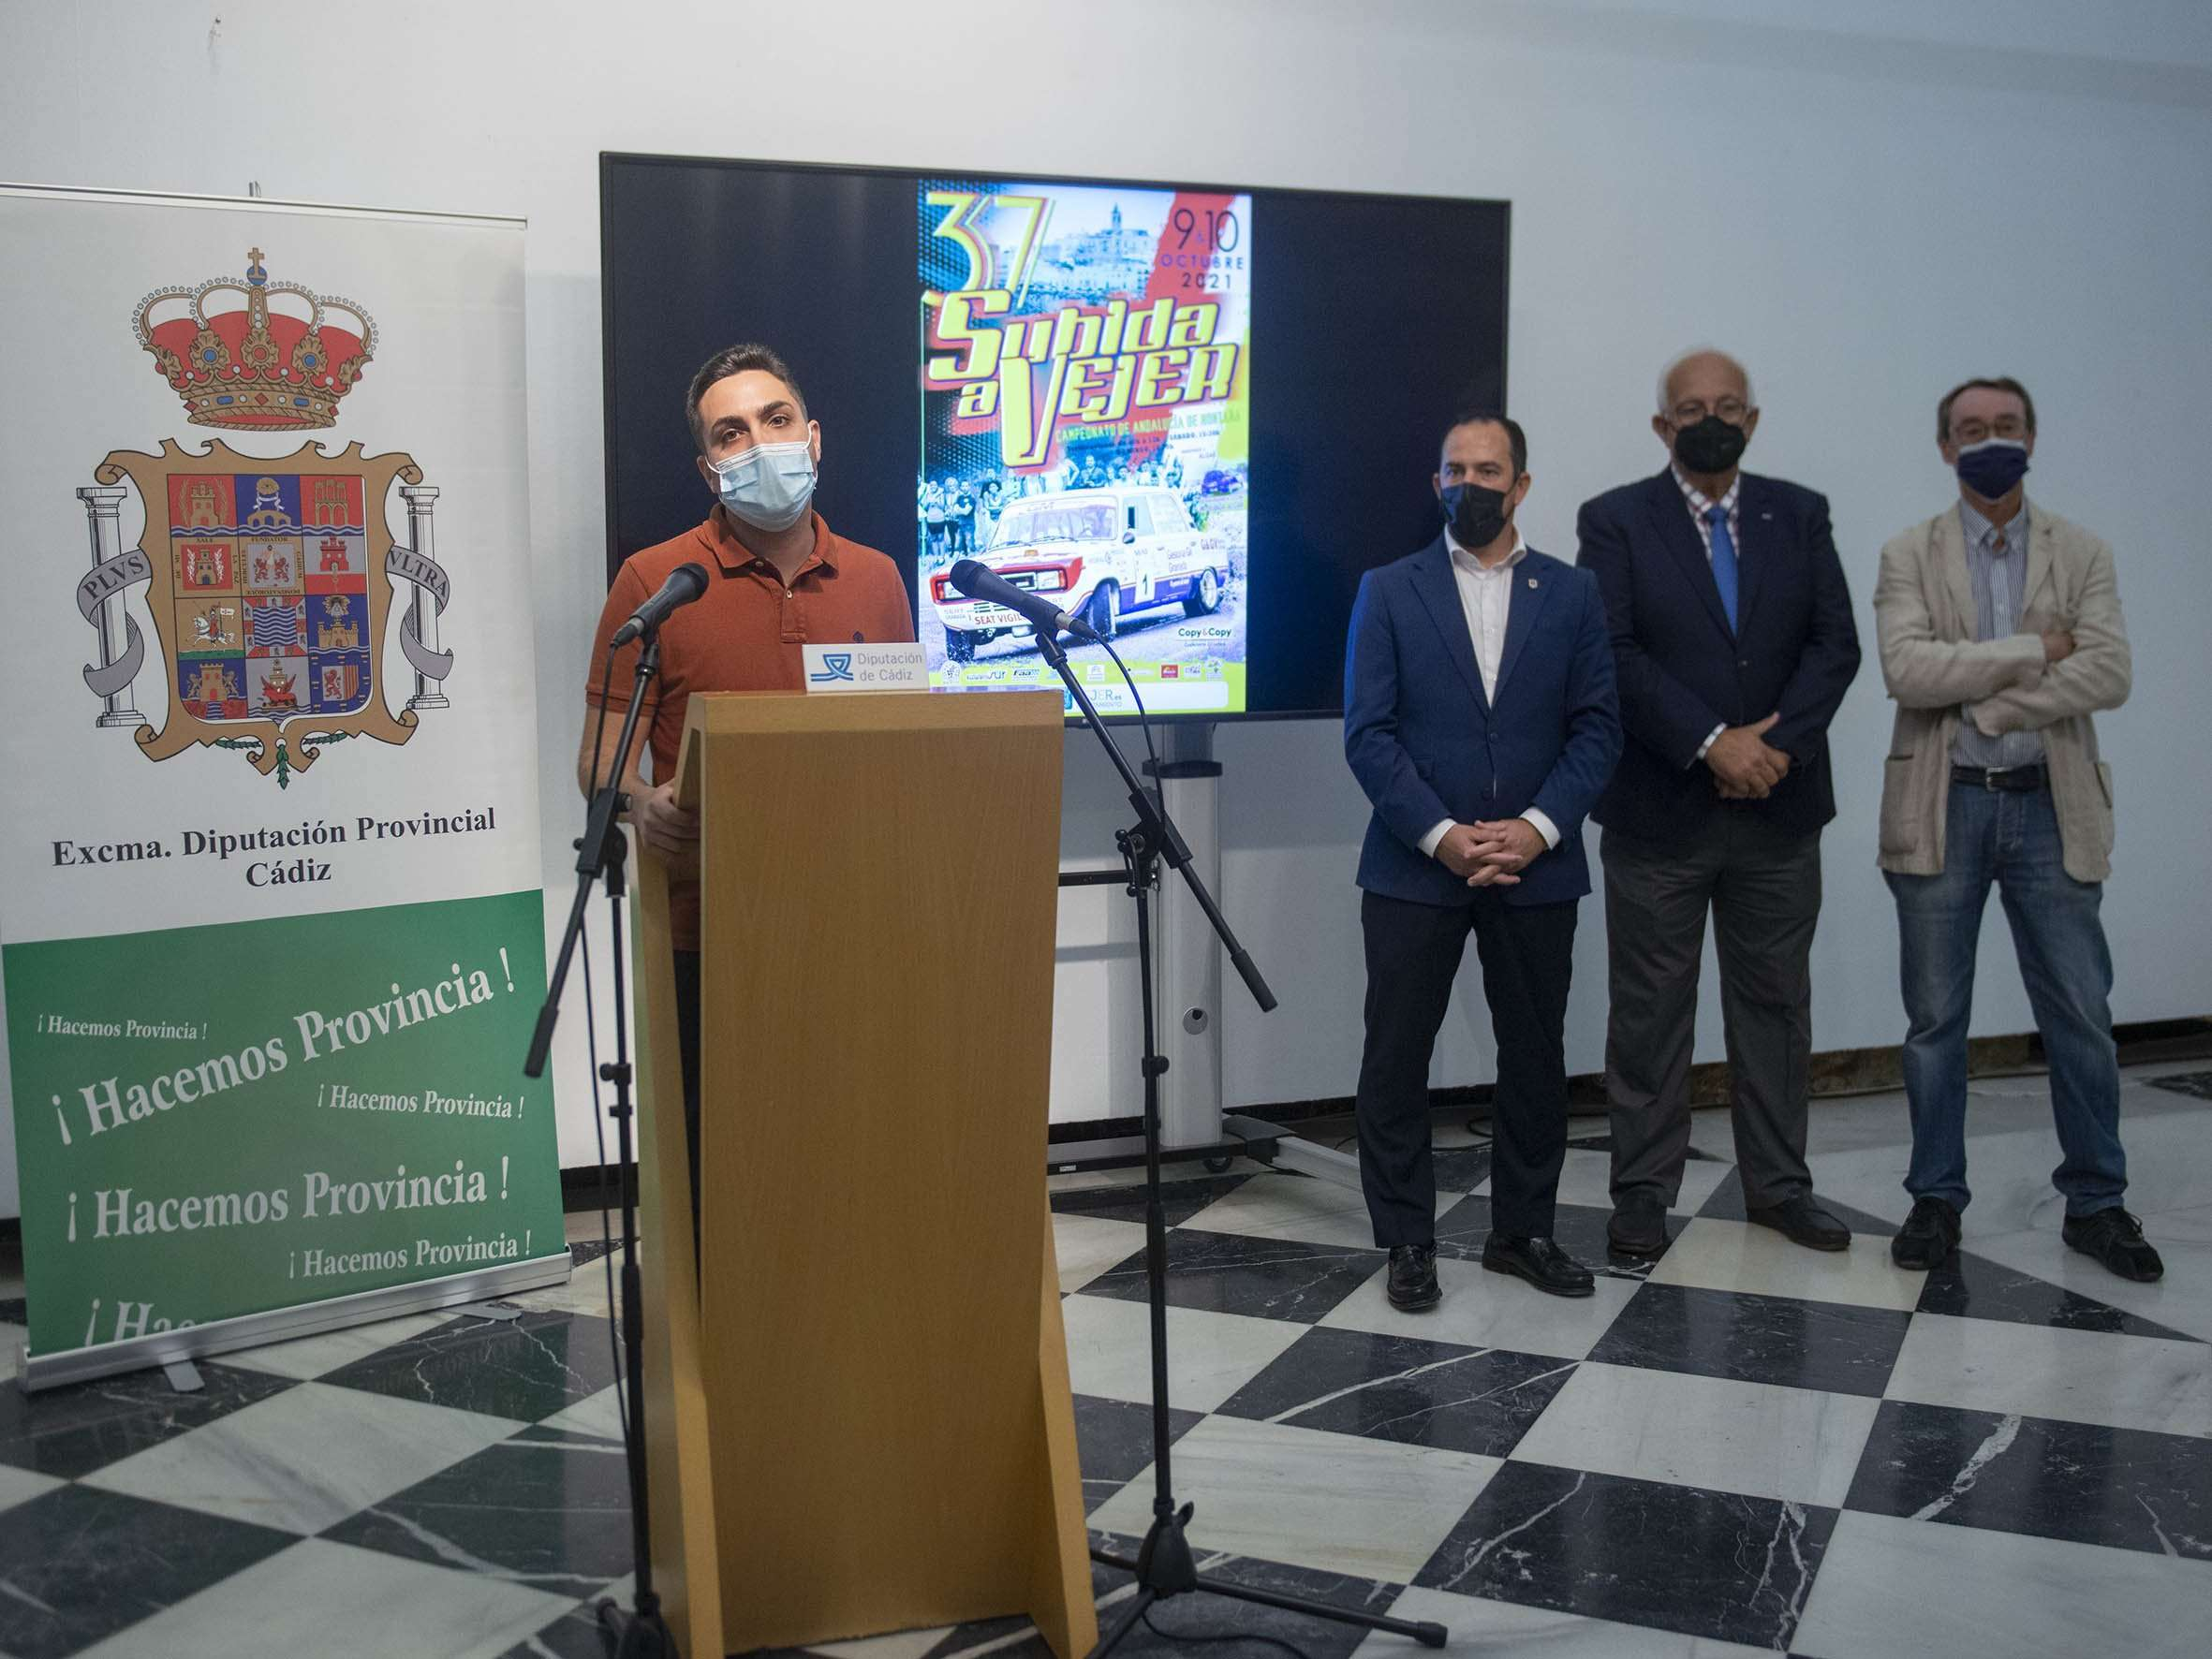 La competición la organiza la Escudería Sur y cuenta también con el respaldo de la Federación Andaluza de Automovilismo y el Ayuntamiento de Vejer.